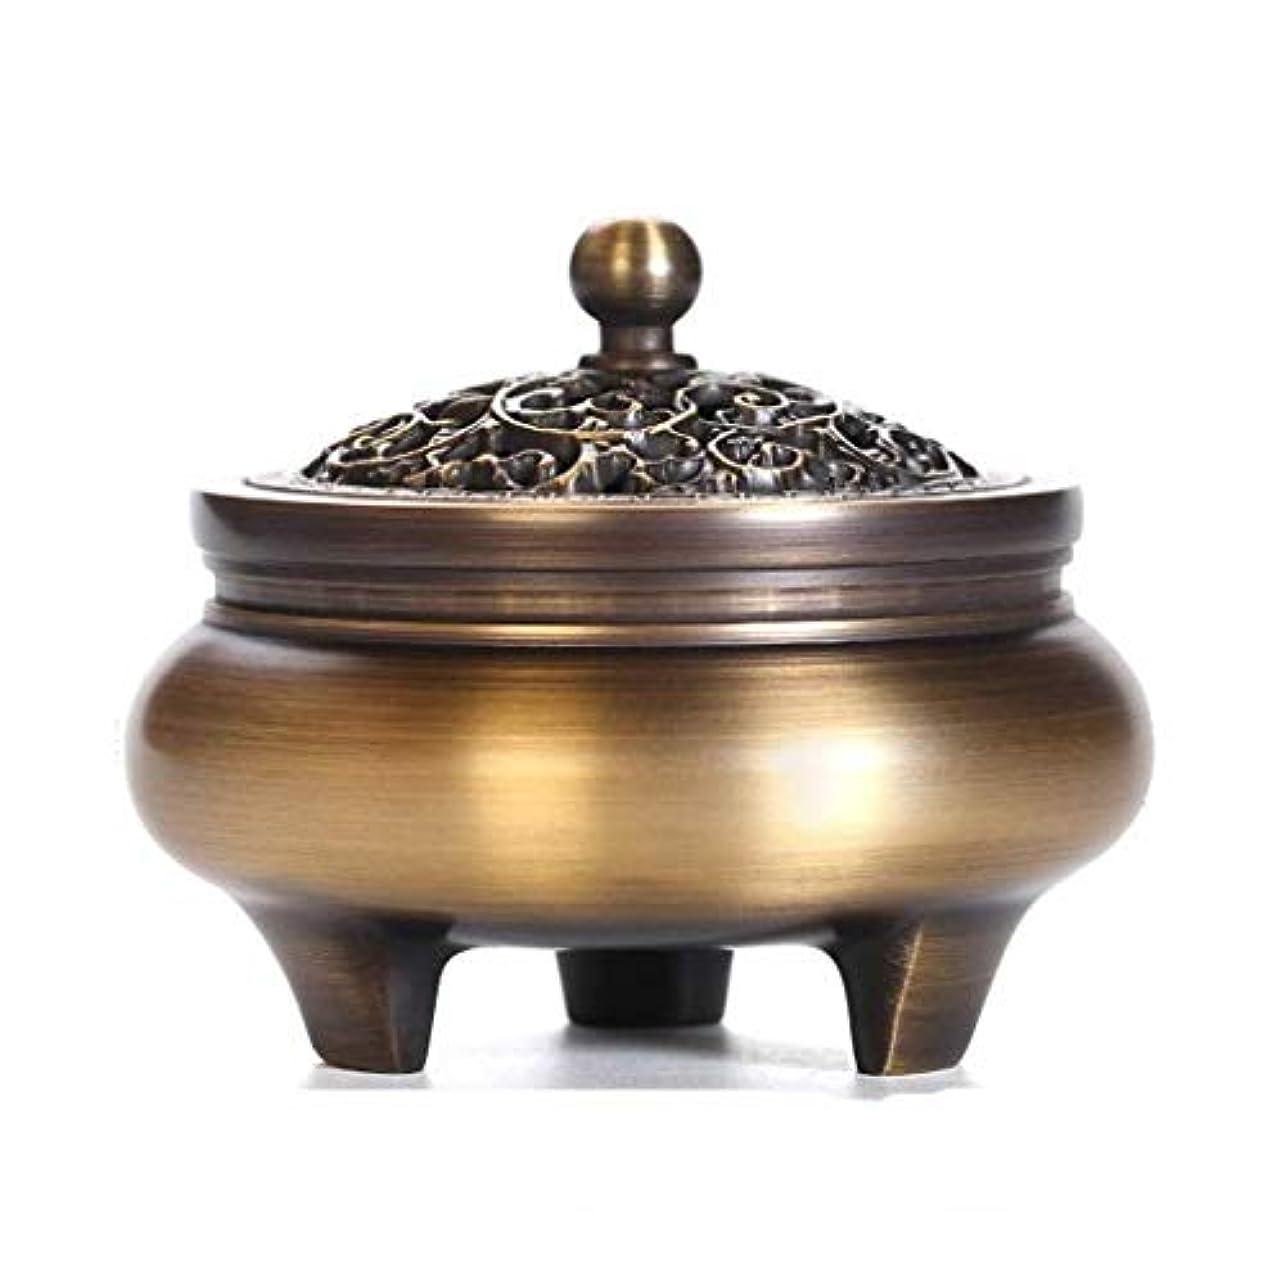 スキャンダルすごいテクスチャー芳香器?アロマバーナー 純粋な銅三脚家庭用香炉プロセス香バーナーホーム屋内アロマセラピー炉の装飾 アロマバーナー芳香器 (Color : Brass)